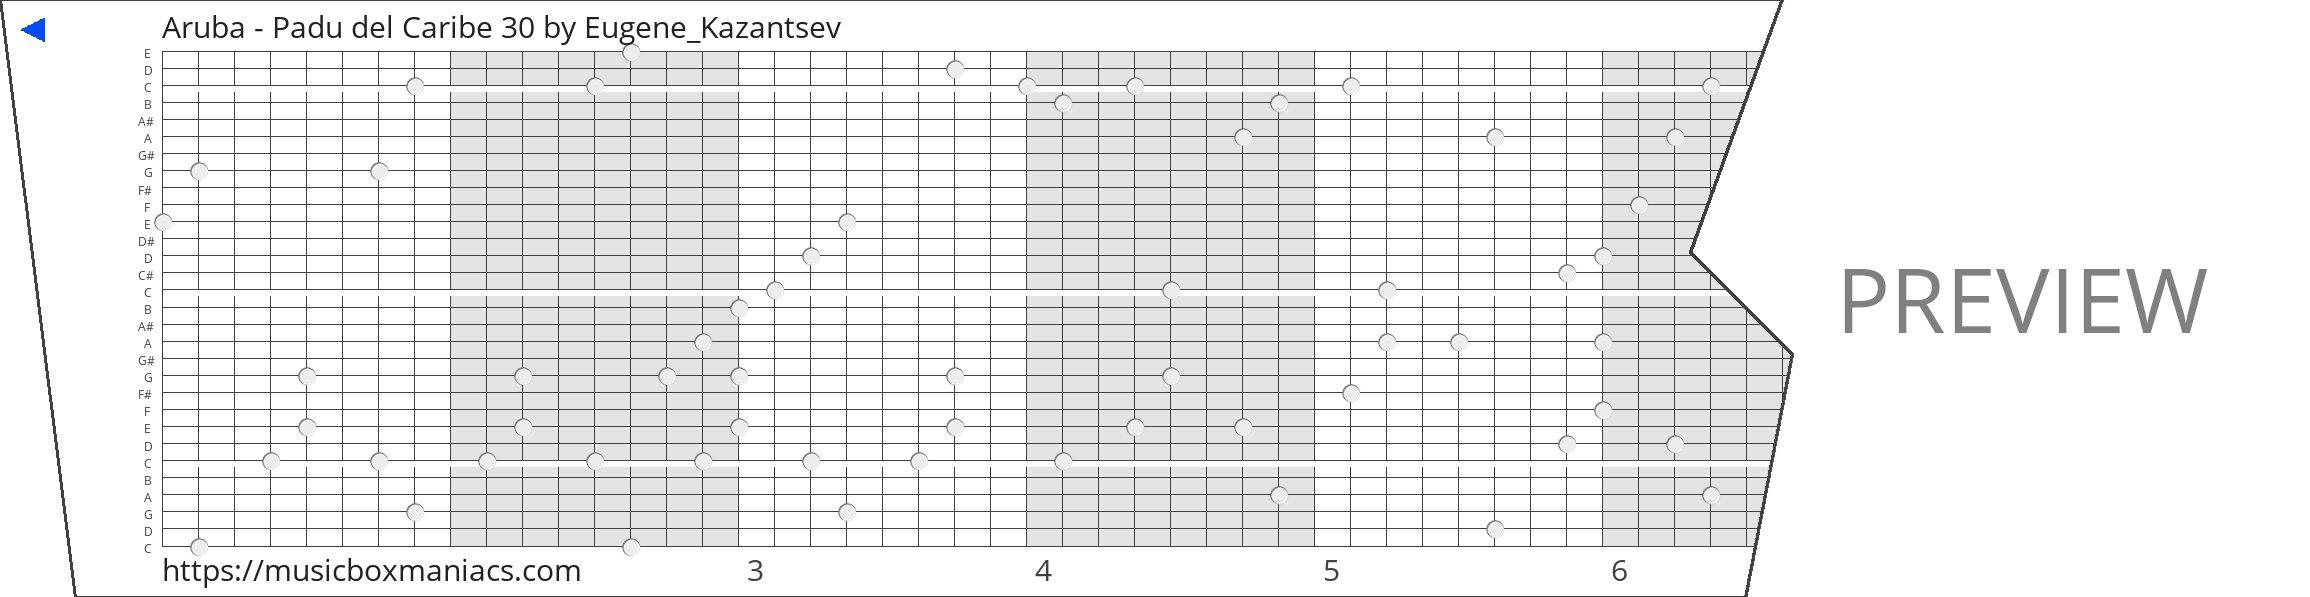 Aruba - Padu del Caribe 30 30 note music box paper strip